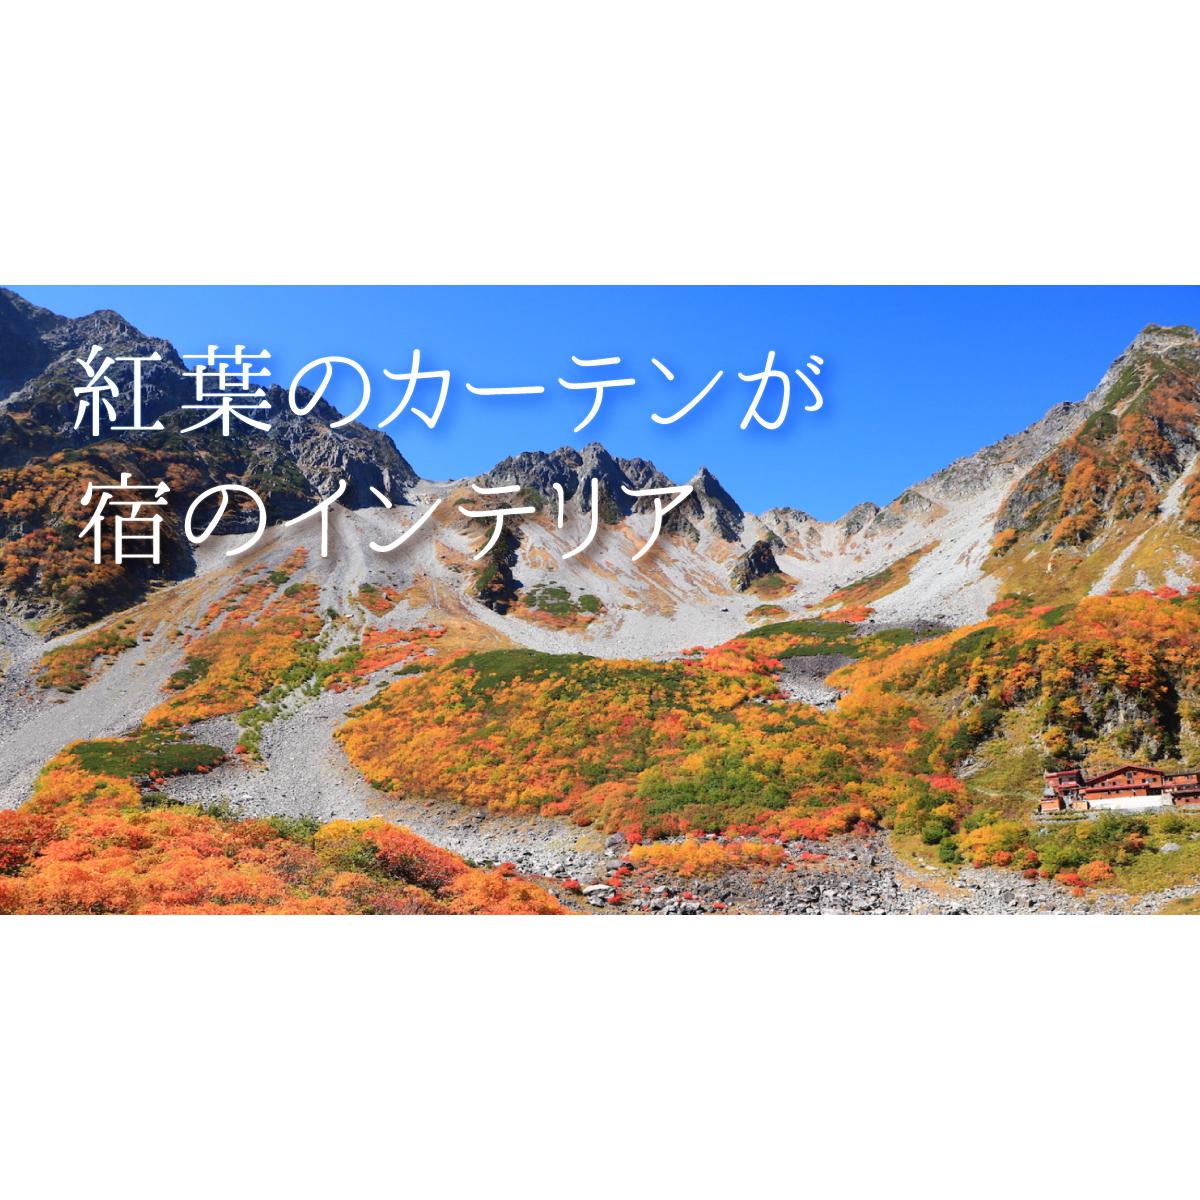 紅葉の涸沢カールへ 憧れのテント泊登山 みんなの旅プラン【旅色】